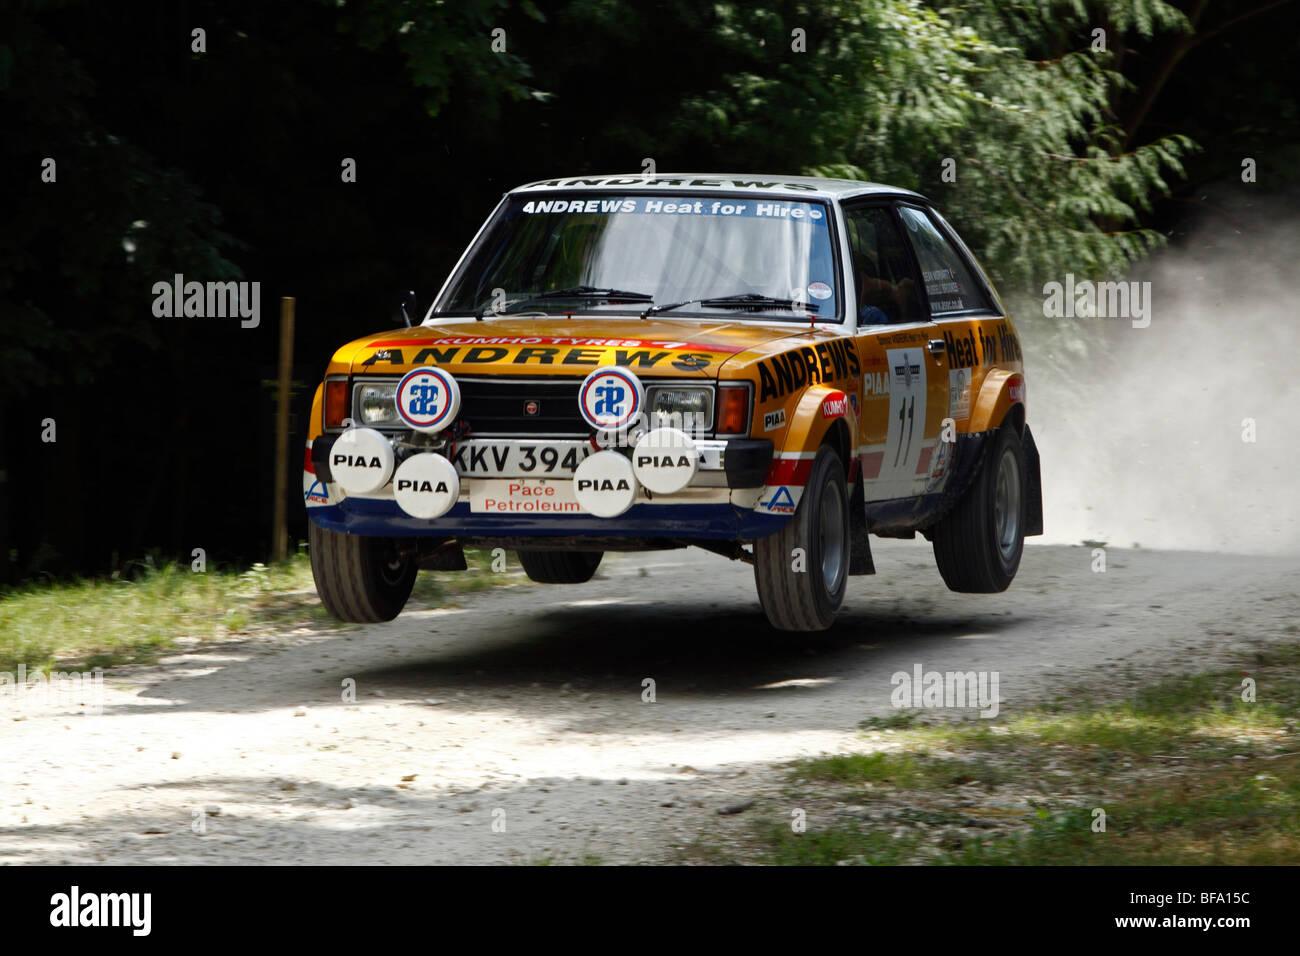 Talbot Sunbeam Lotus conduit par Russell Brookes sur le saut sur la scène rallye à Goodwood Festival of Speed 2009 Banque D'Images